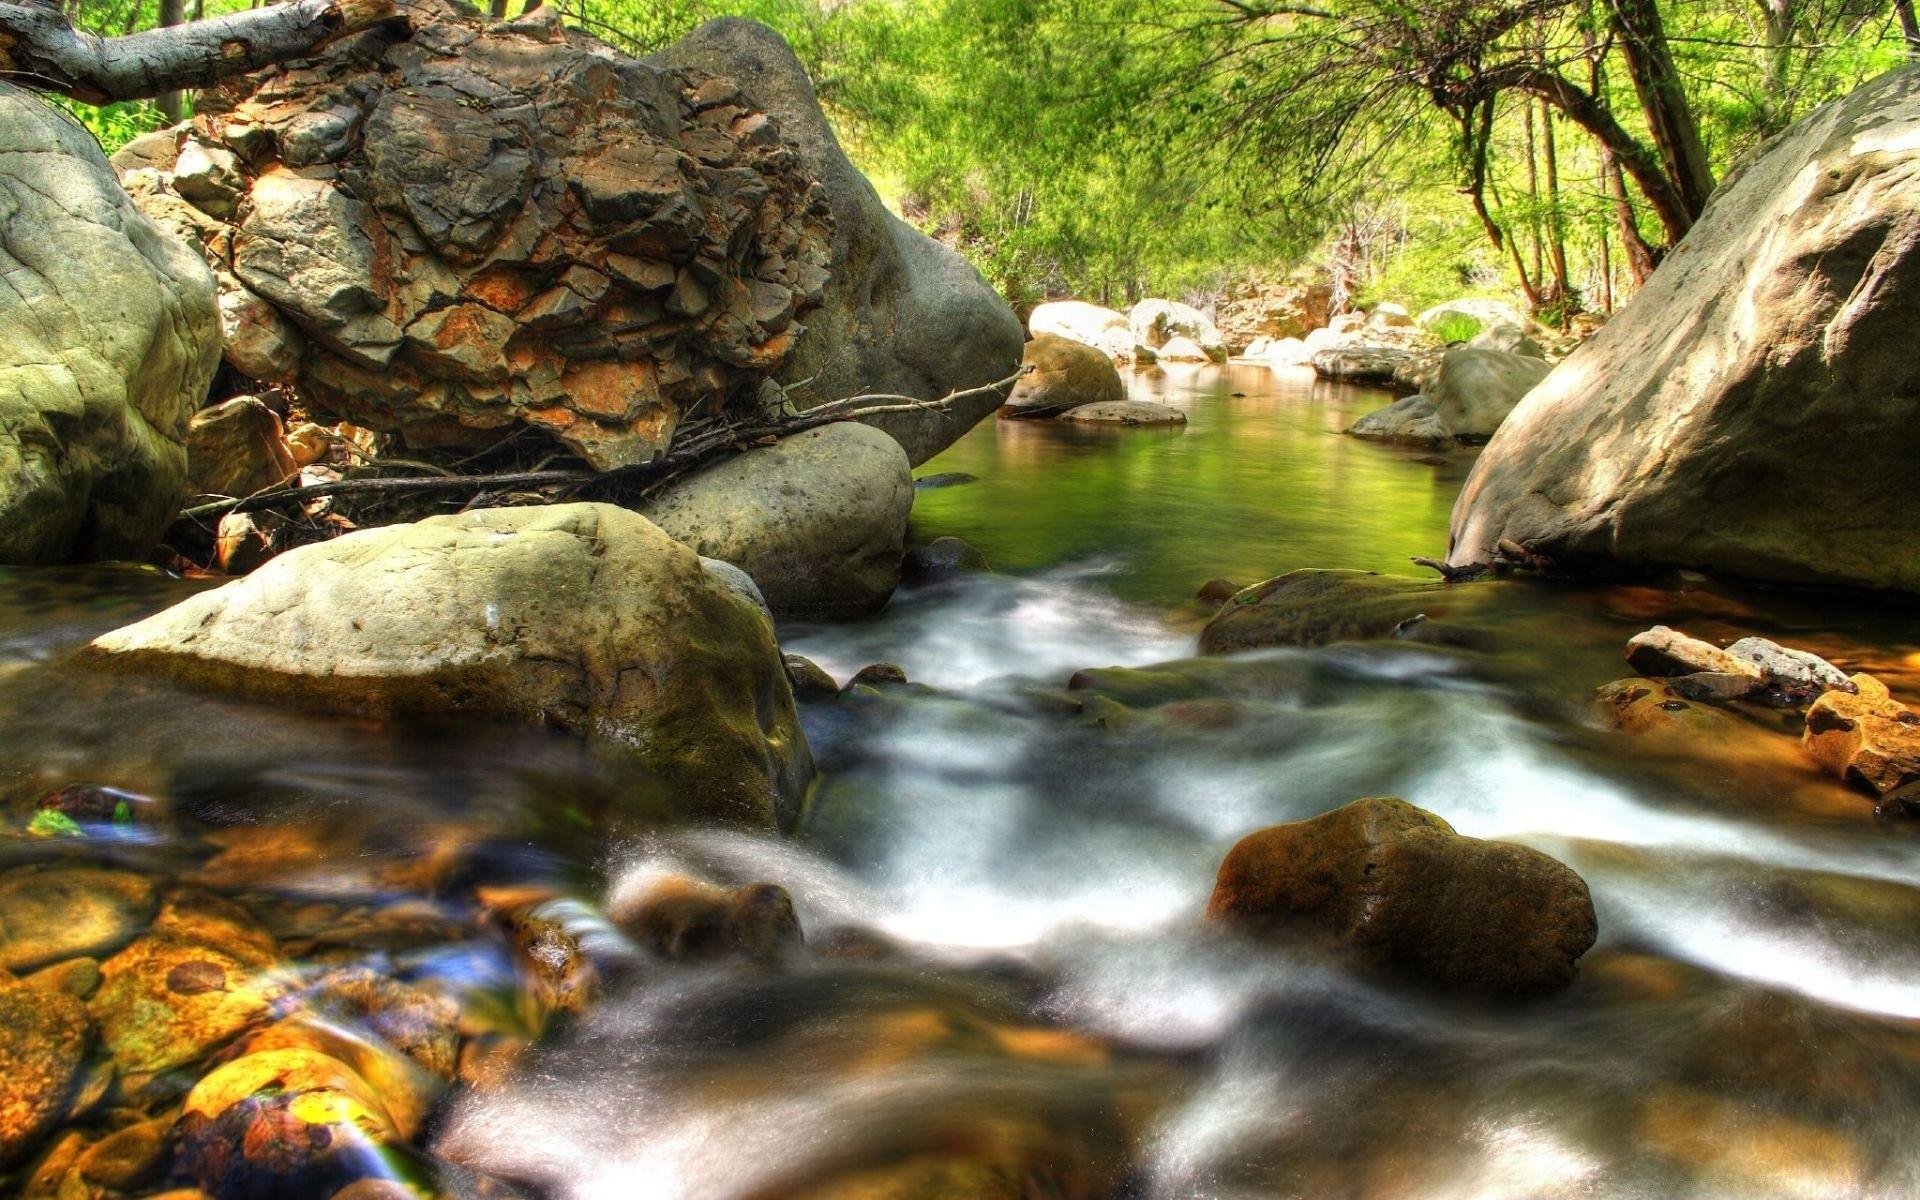 Река в камн  № 2387236 загрузить